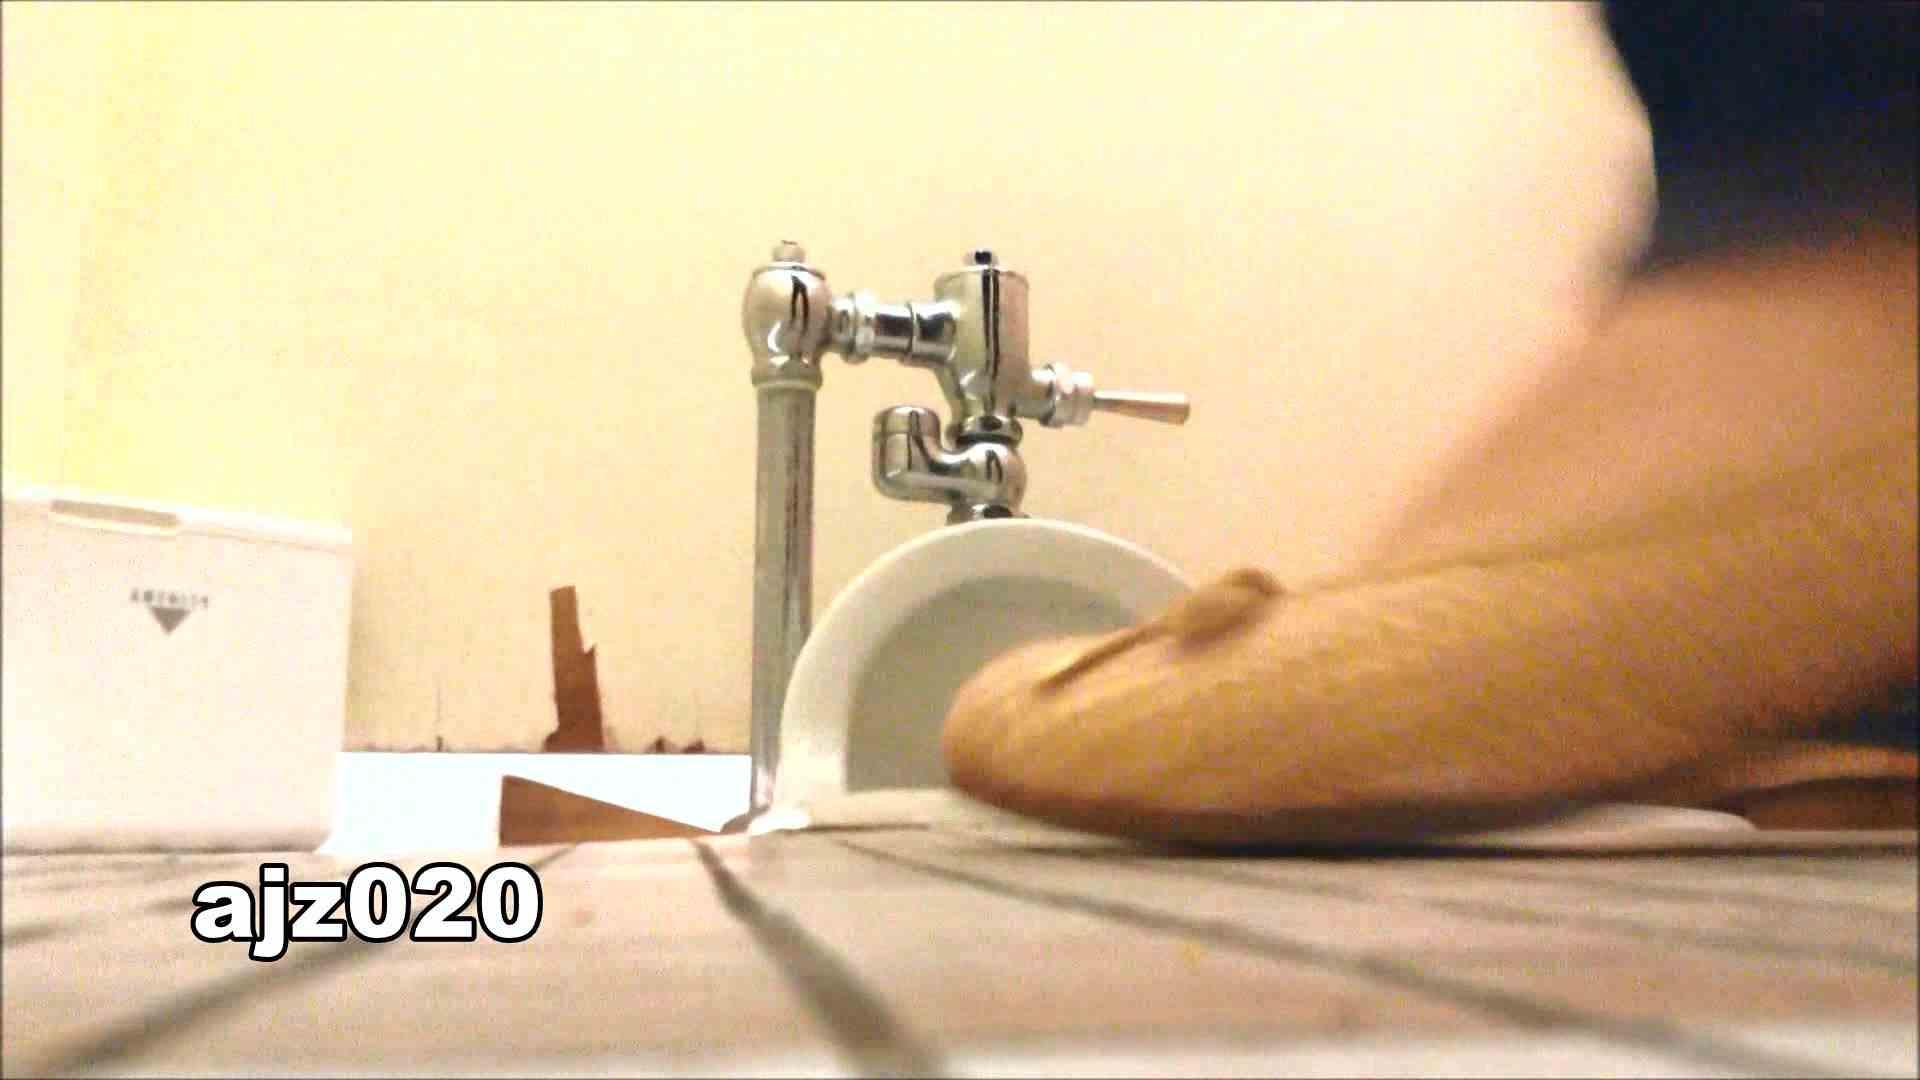 某有名大学女性洗面所 vol.20 和式 盗み撮りSEX無修正画像 48画像 43